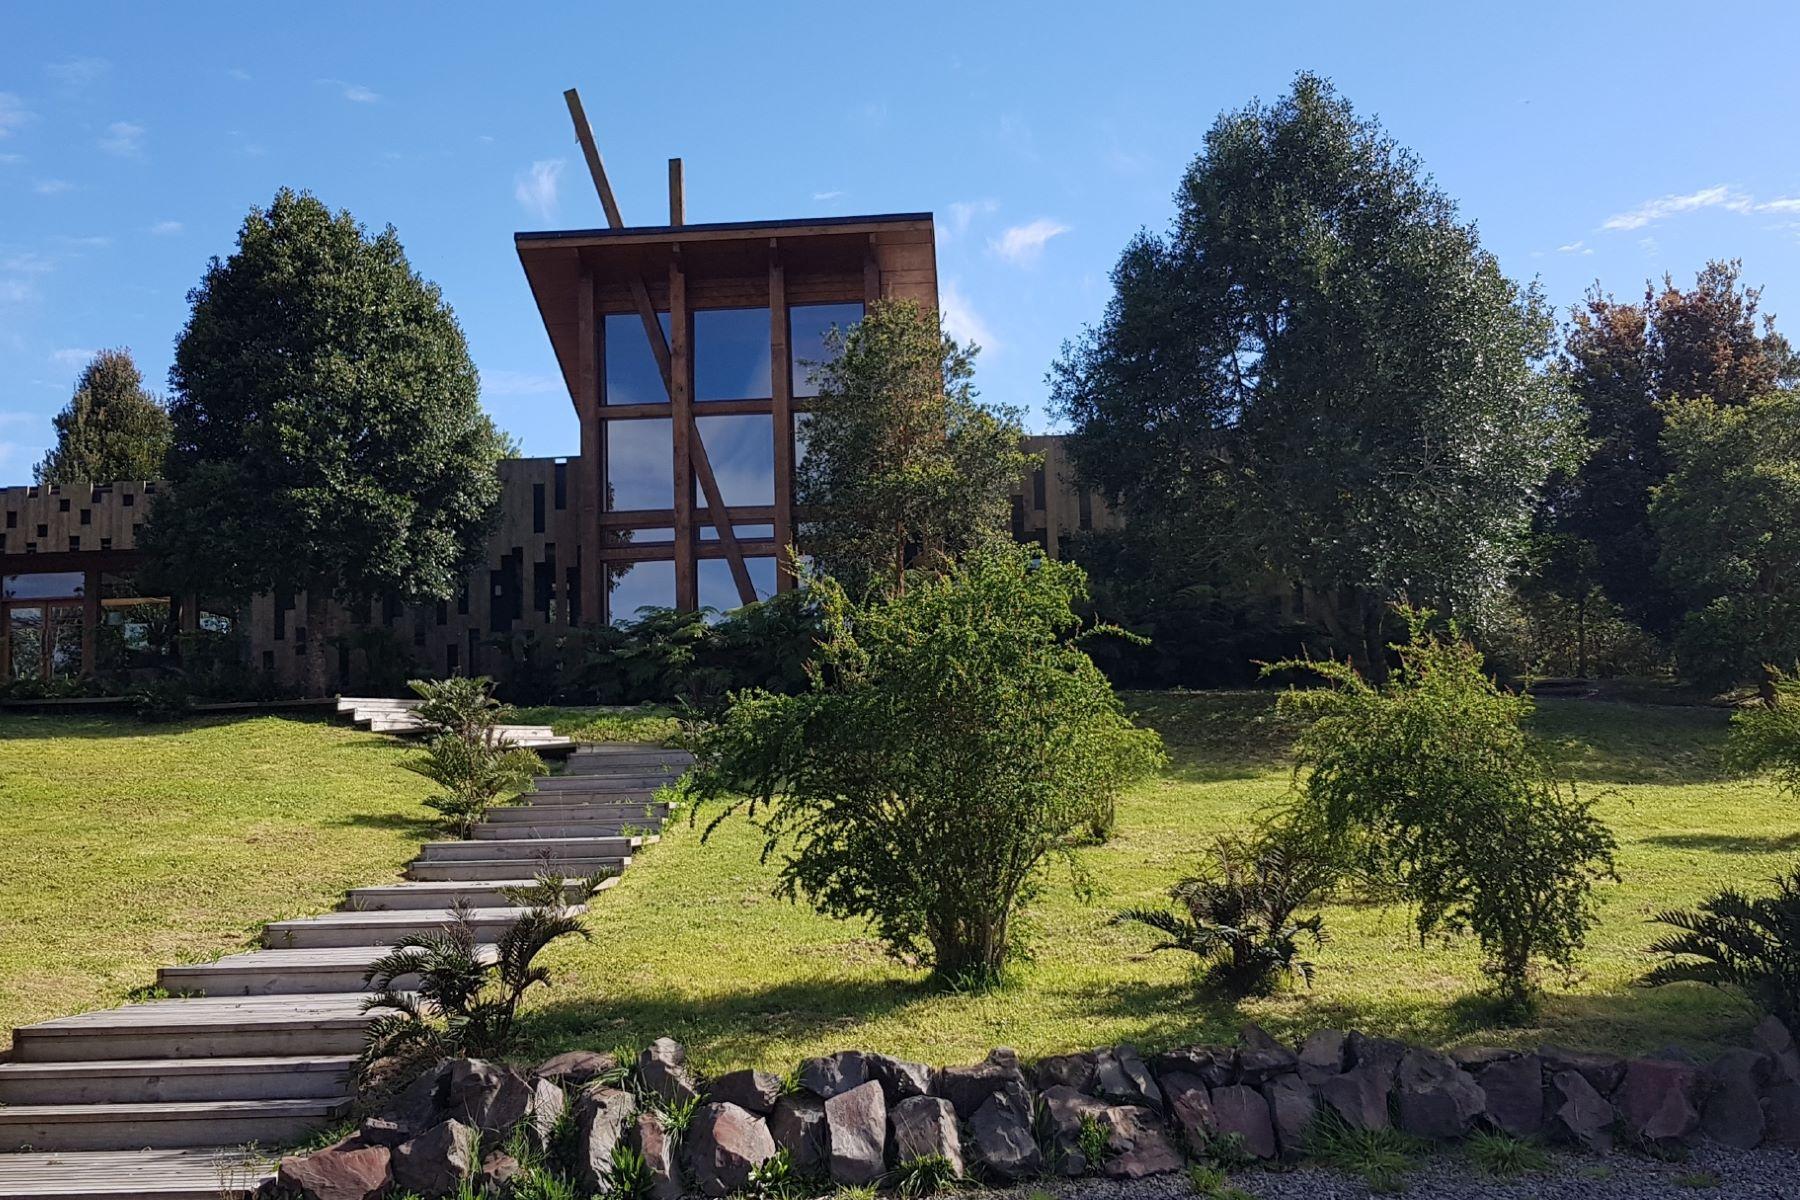 Terreno por un Venta en Lodge Cantarias en Puyehue con Orilla de Lago y Playa Puyehue, Osorno, Los Lagos Chile